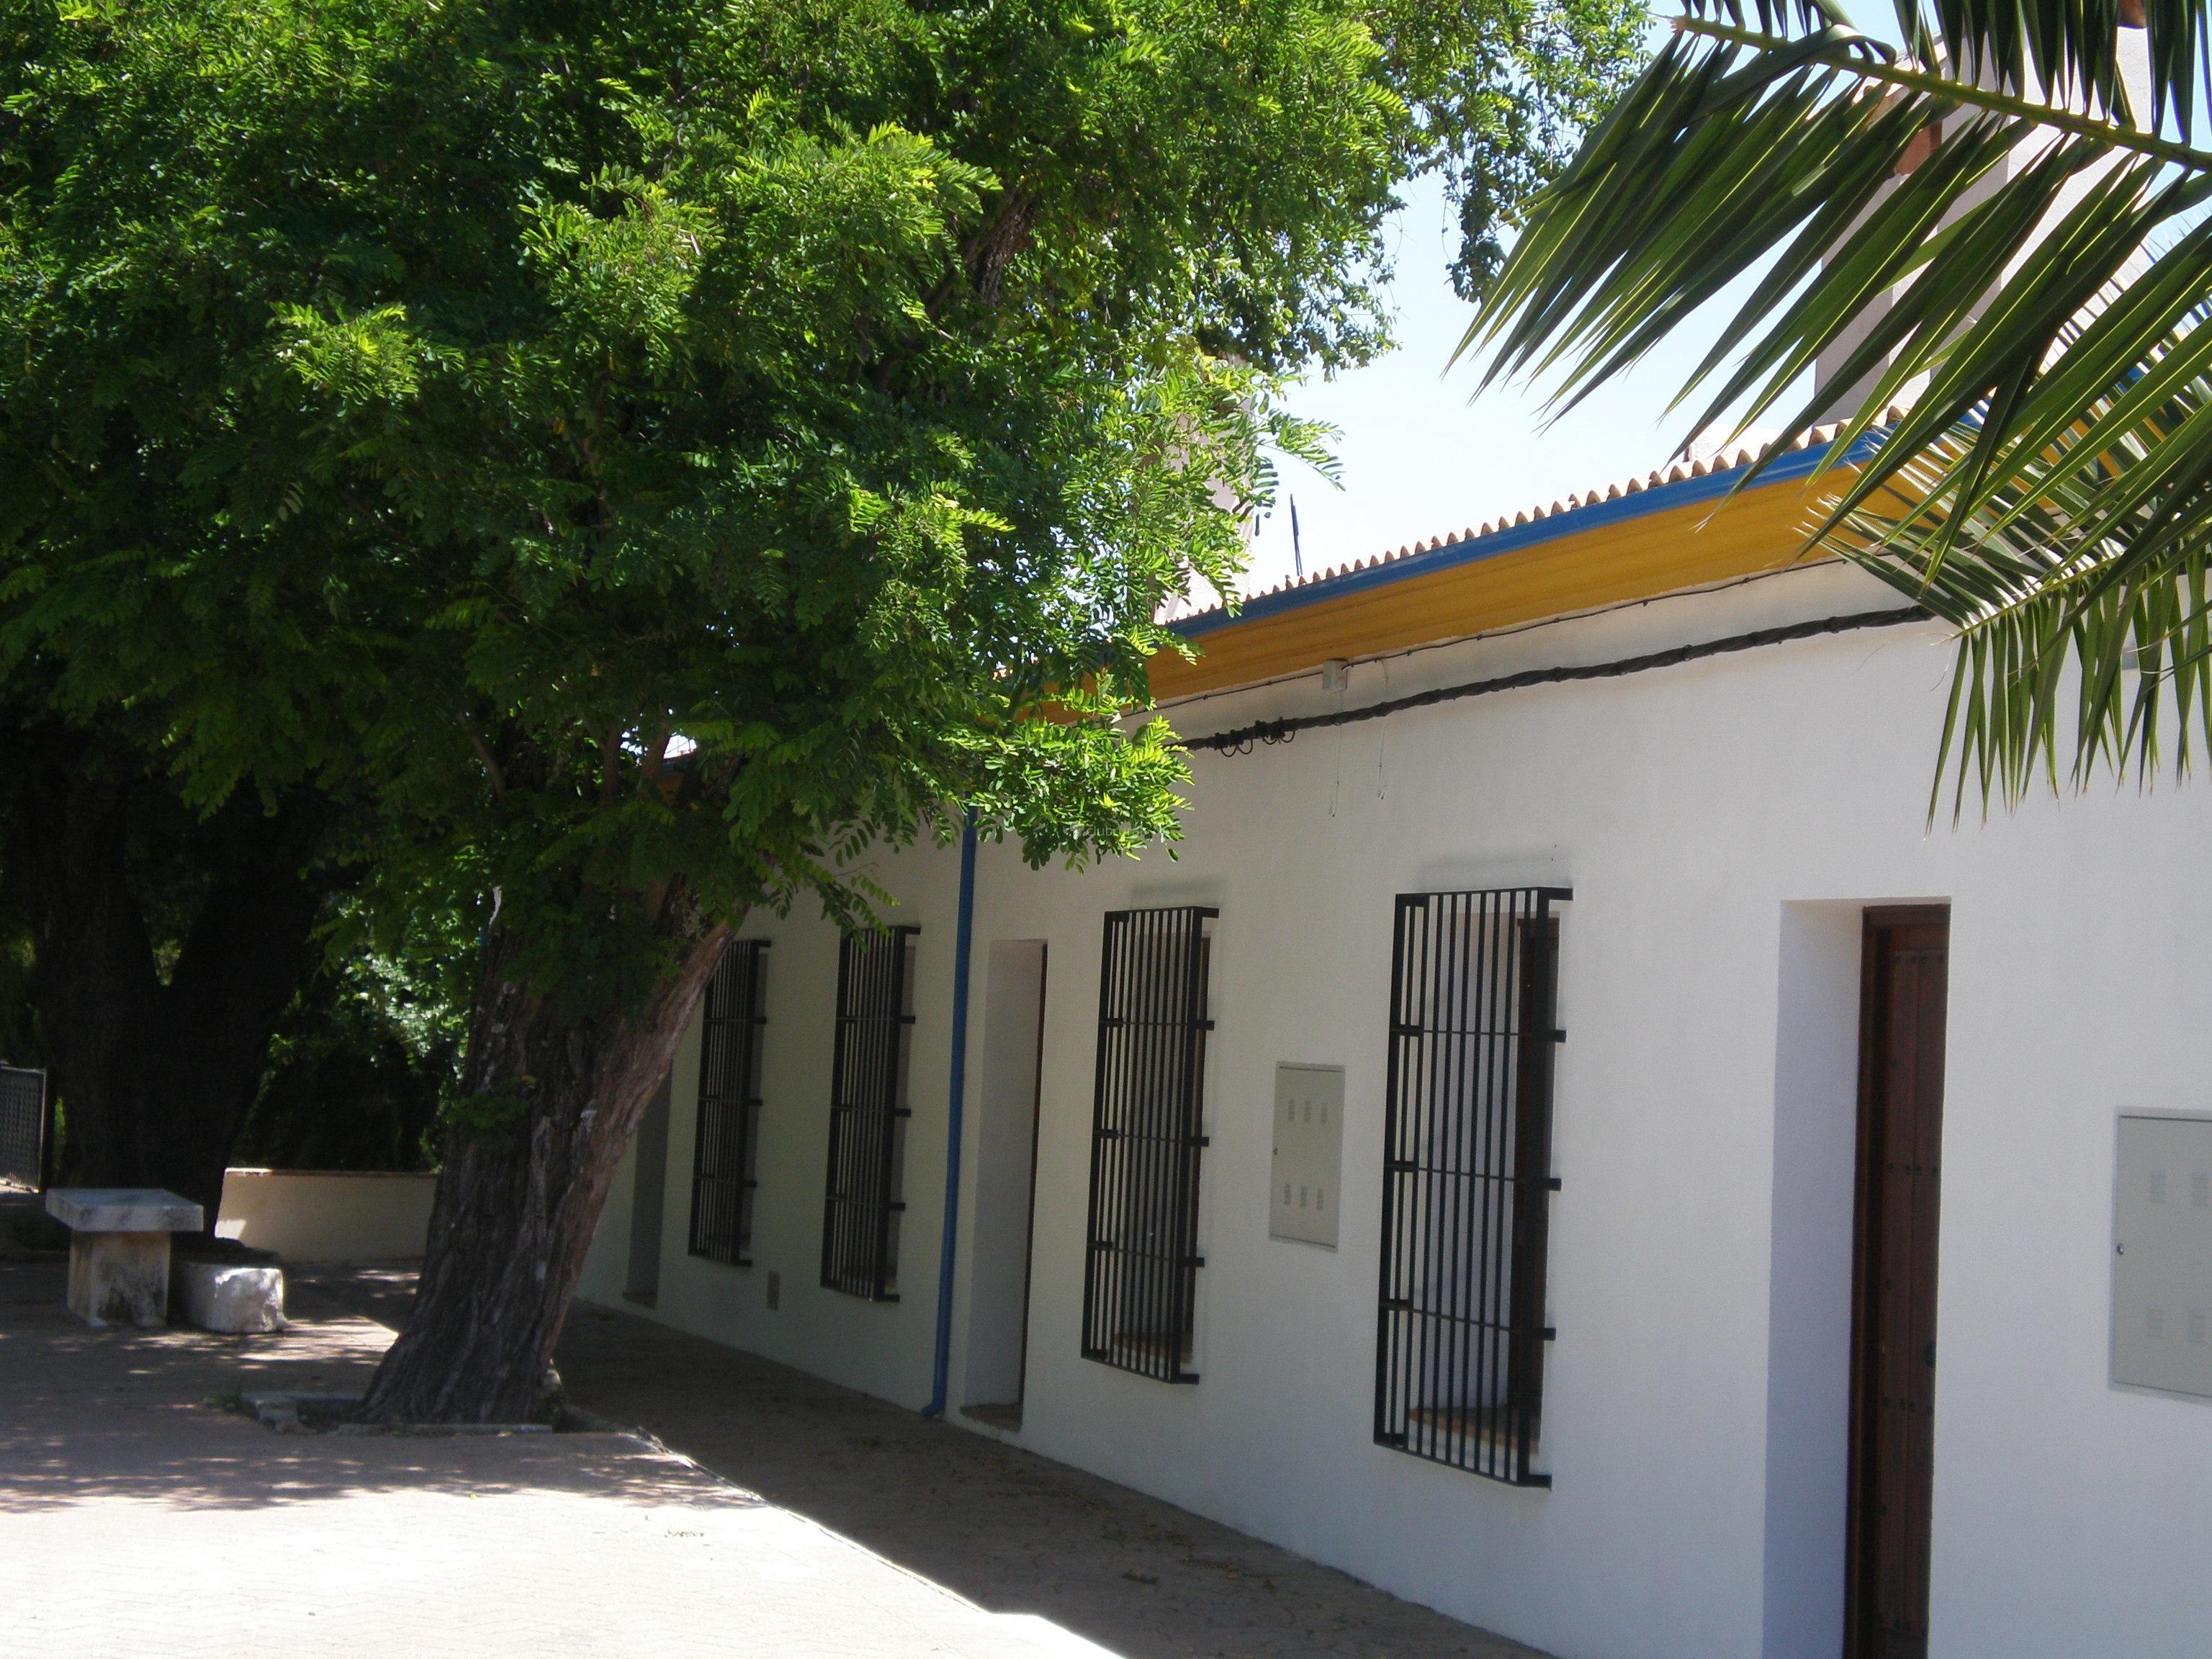 Fotos de el ca uelo de carcabuey c rdoba carcabuey clubrural - Casa rural carcabuey ...